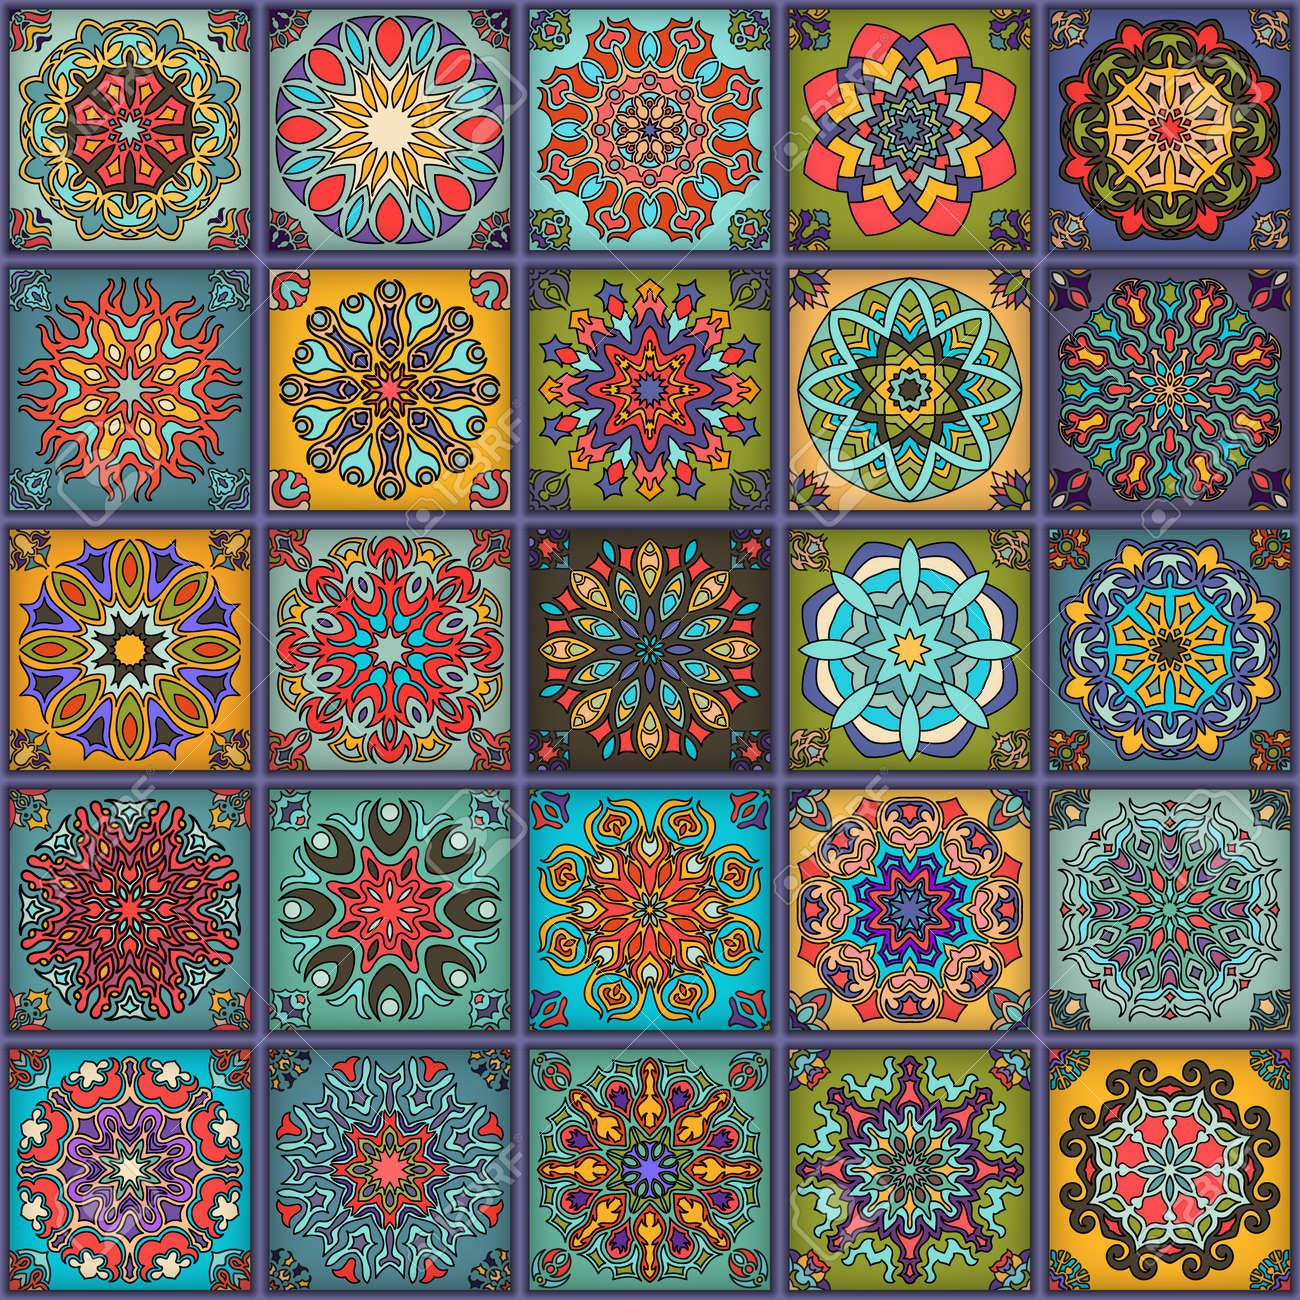 Motif Sans Couture Vintage Vintage Avec Motifs Floraux Et Mandala Dessin Dessiné Peut être Utilisé Pour Le Tissu Le Papier Peint Le Carrelage